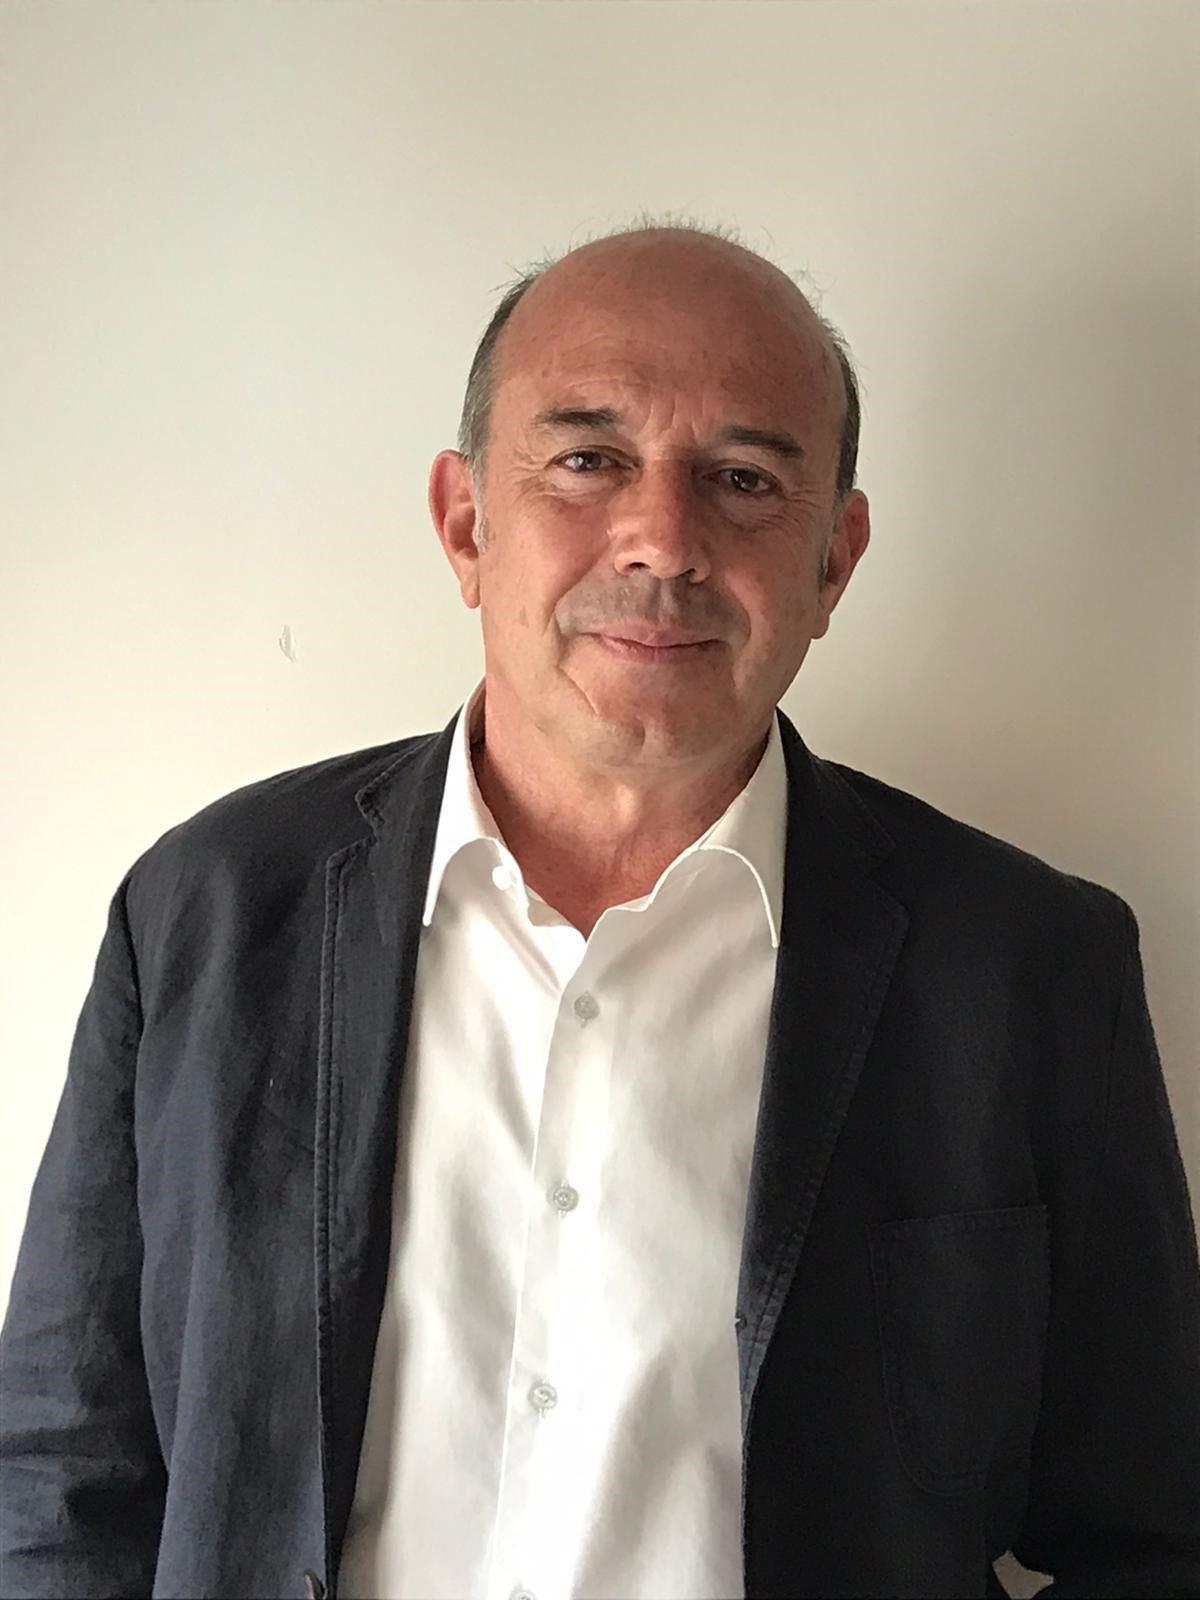 Foto de Enrique Cortés, Consejero de Grupo Revenga